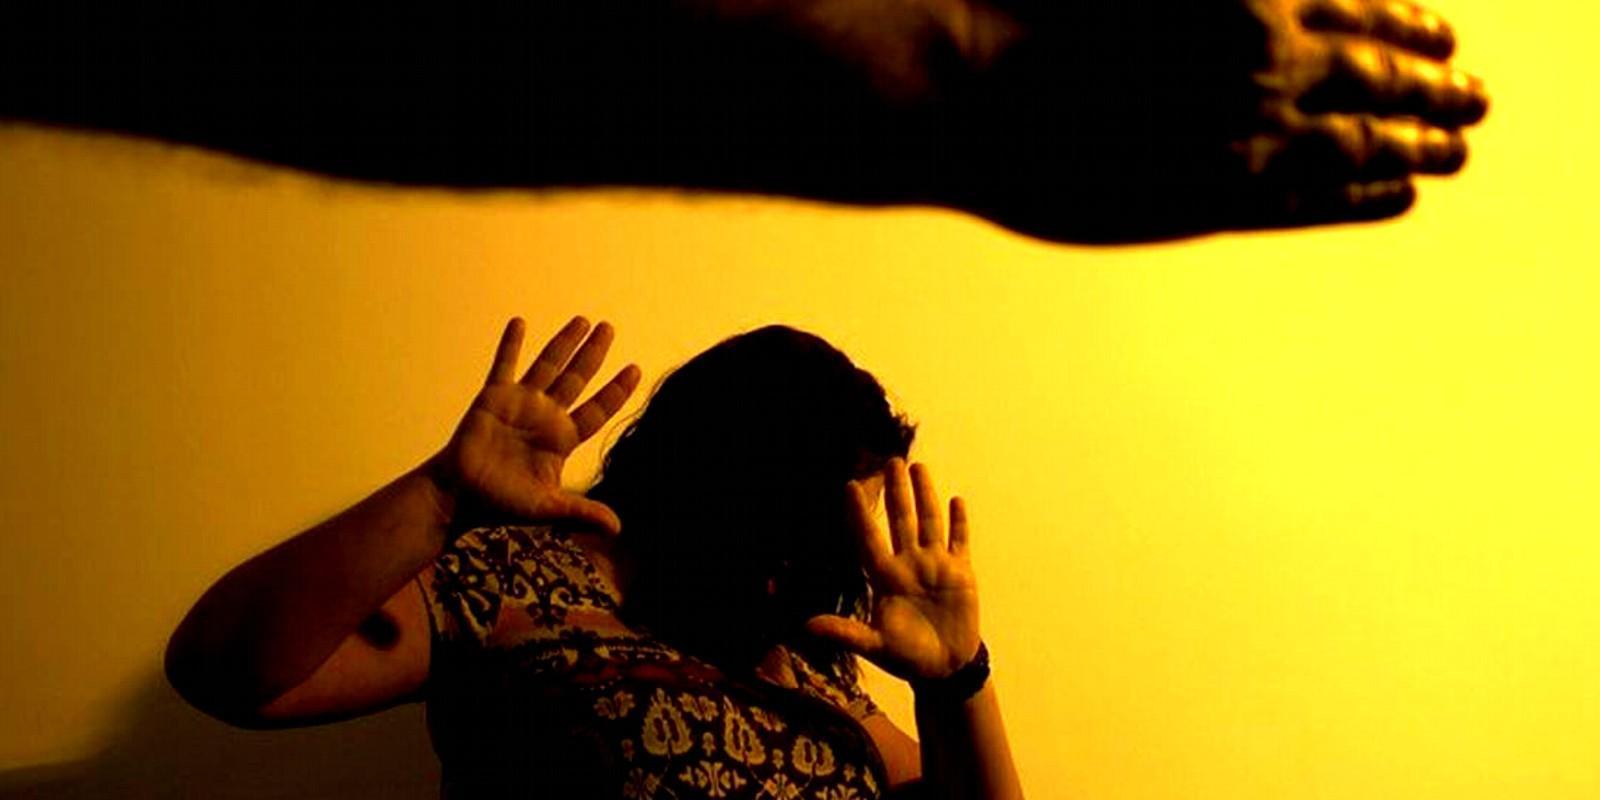 Rio cria programa de esclarecimento às vítimas de violência doméstica